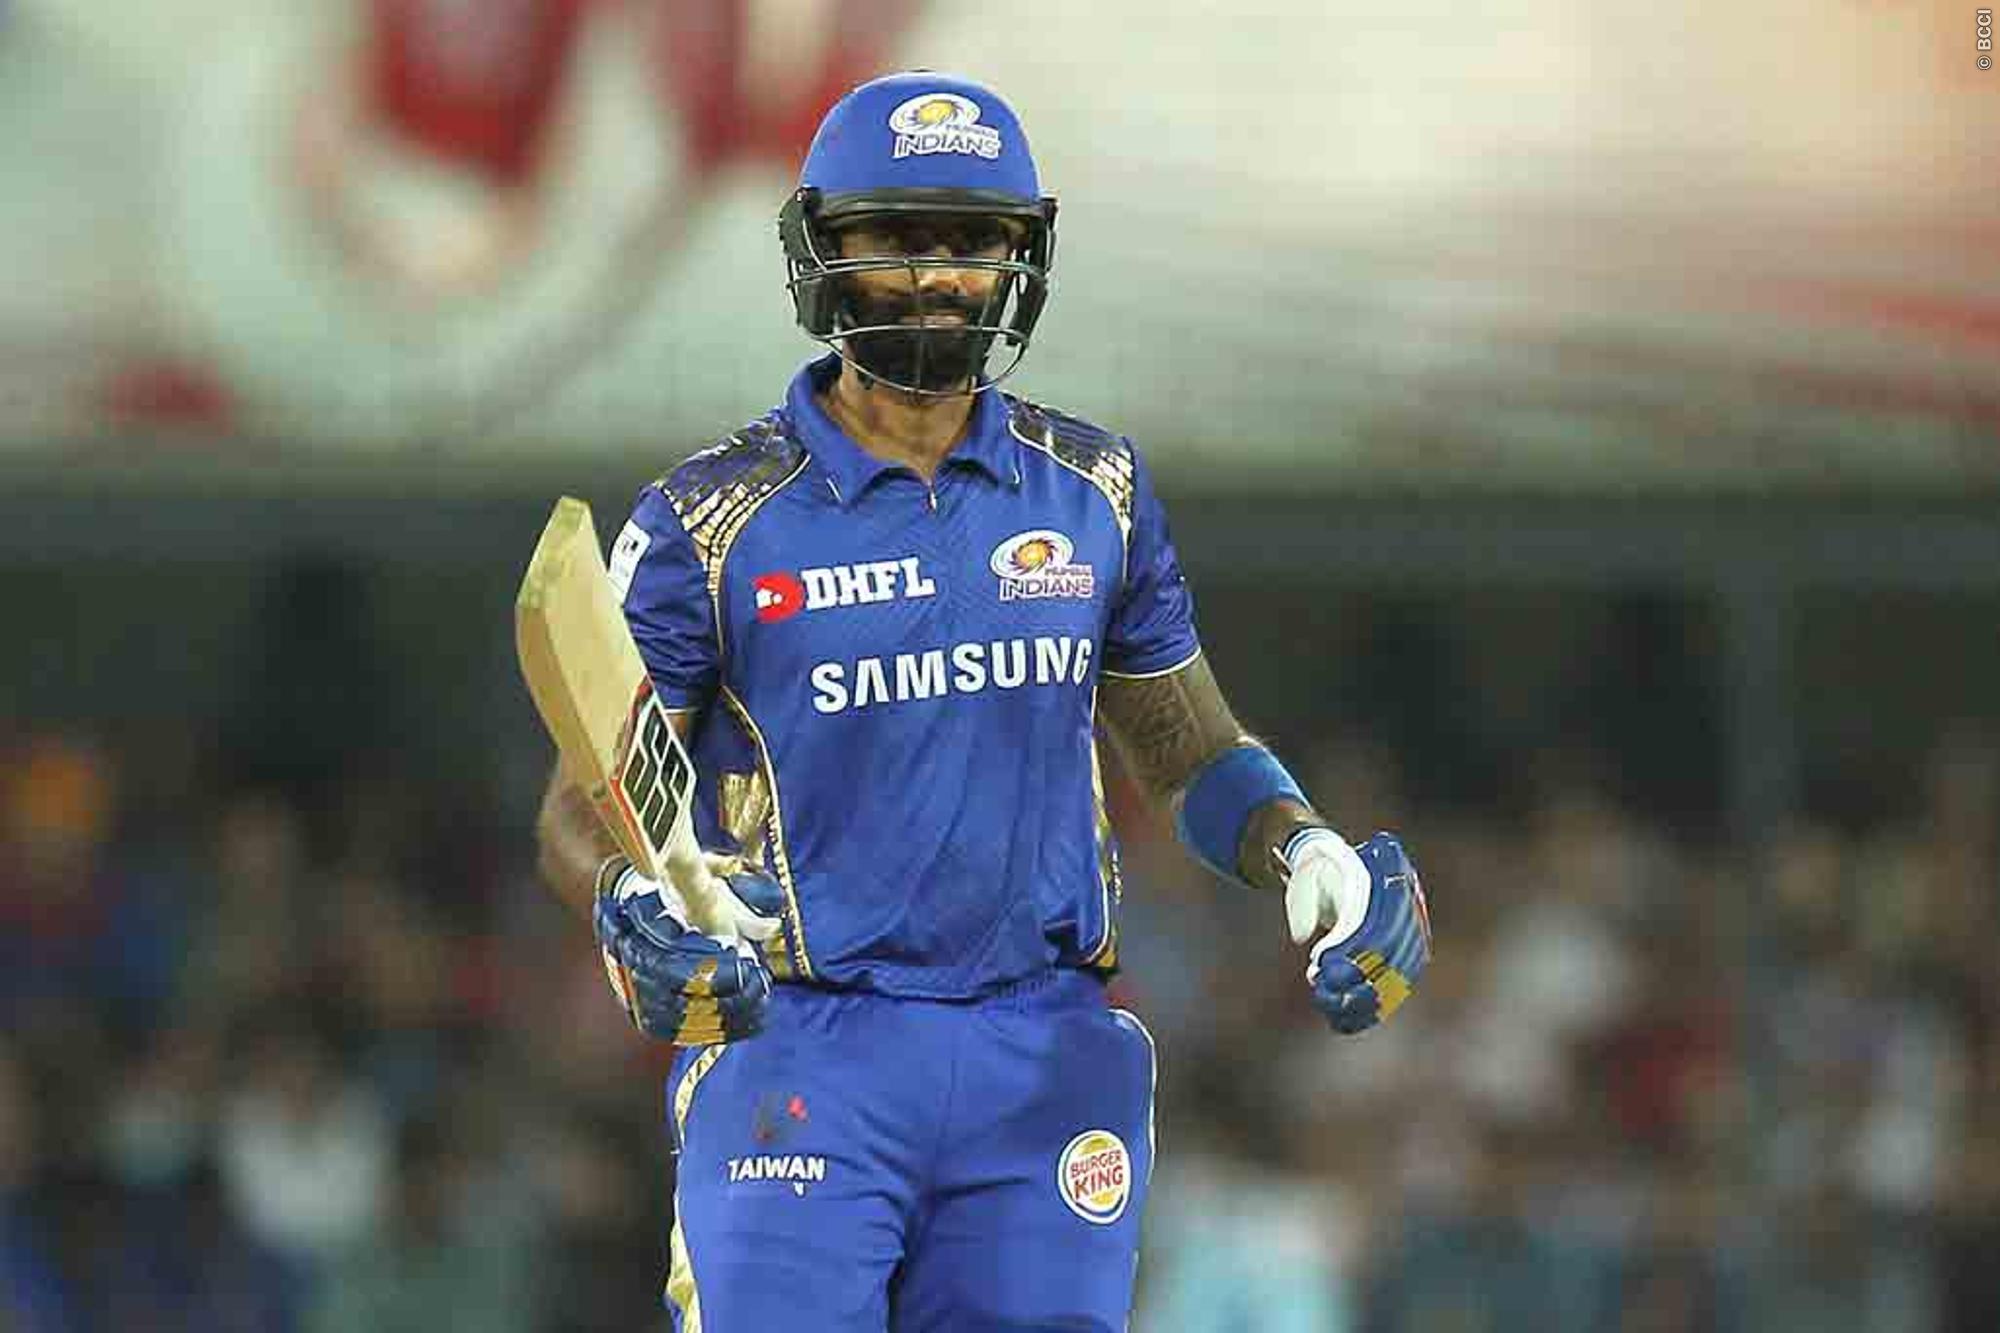 """সেরা পাঁচ ক্রিকেটার যারা আইপিএলে নজর কেড়ে খেলতে নামতে চলেছেন """" মুম্বাই টি - টোয়েন্টি """" লিগে 5"""